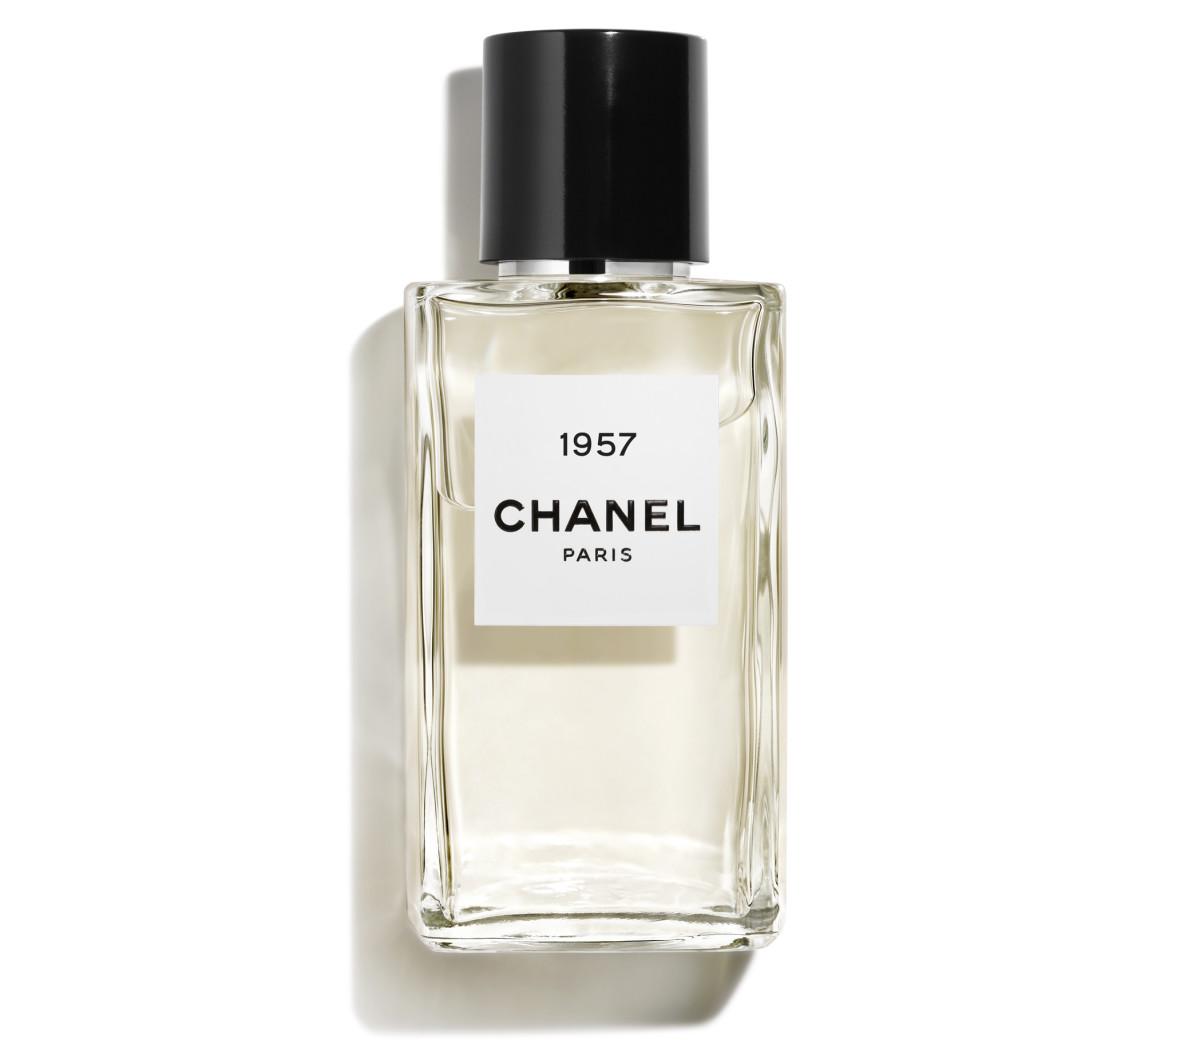 Chanel Les Exclusifs de Chanel 1957